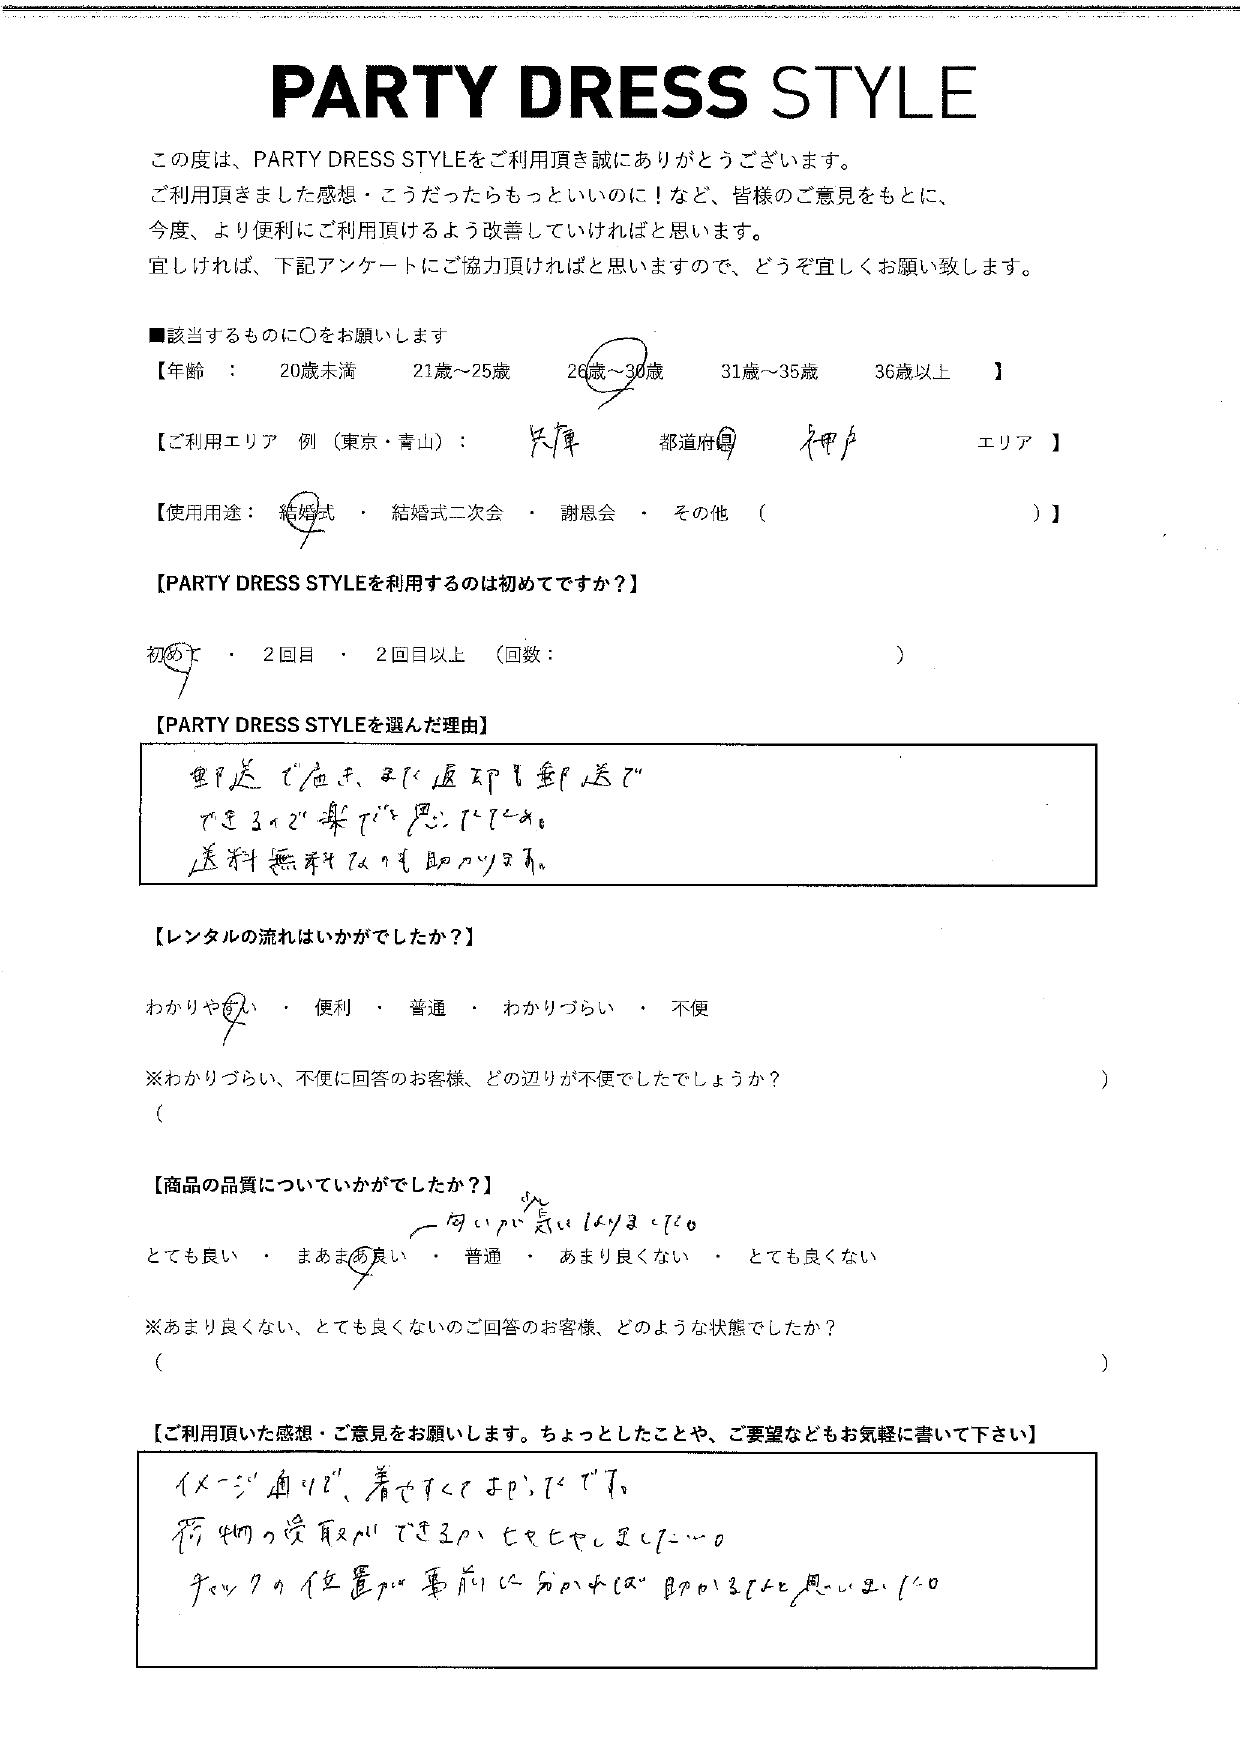 9/19結婚式ご利用 兵庫・神戸エリア